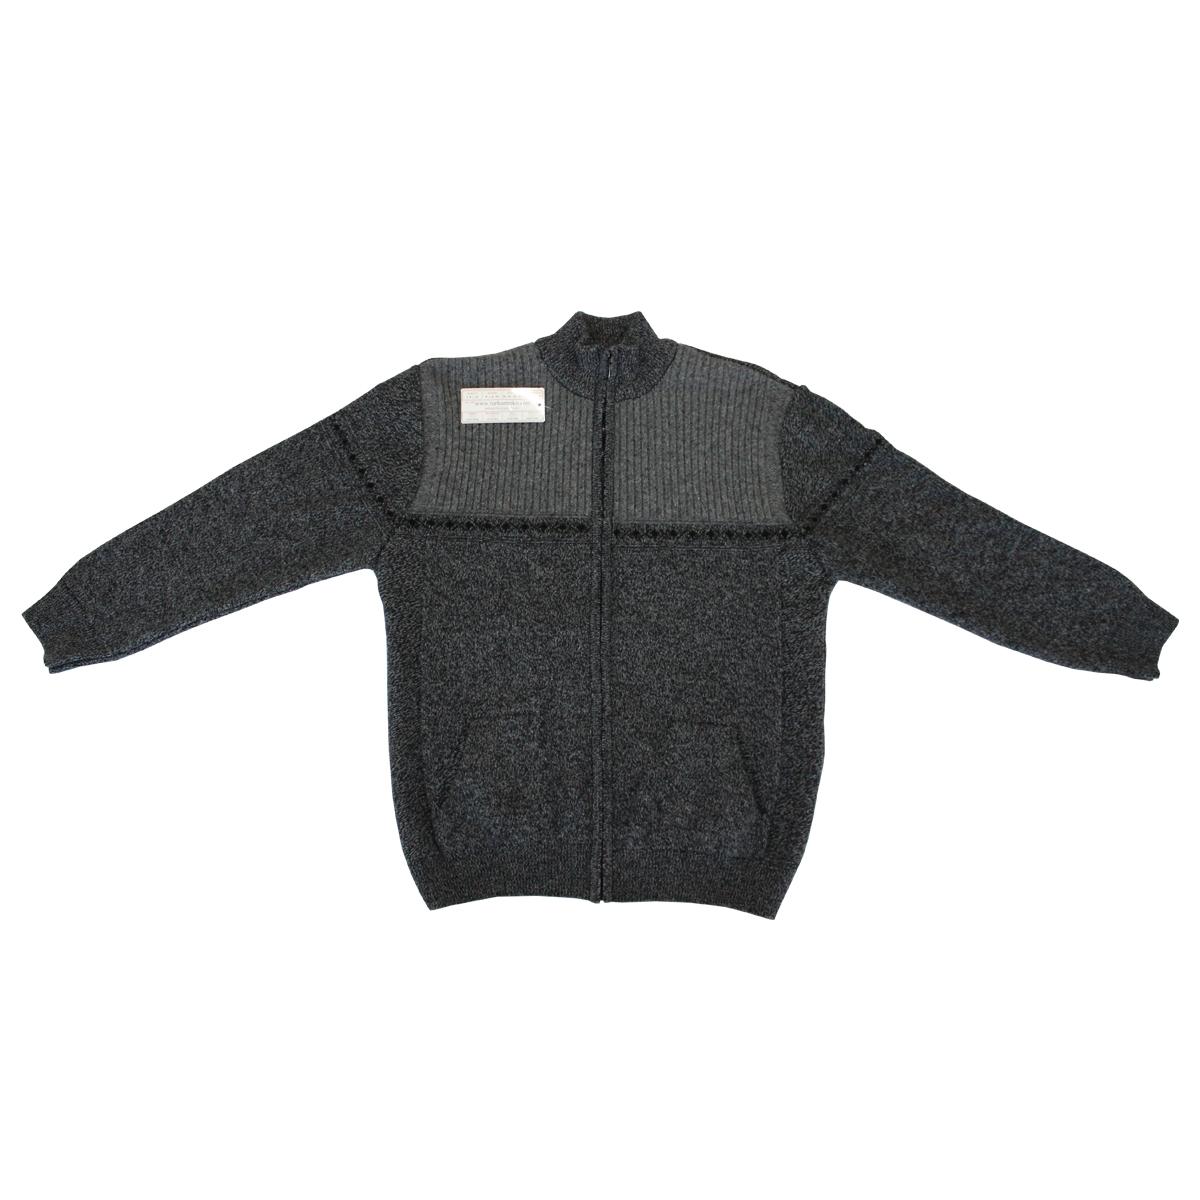 Pulover gri cu imprimeu si cu fermoar de iarna , Marime 4XL - egato.ro